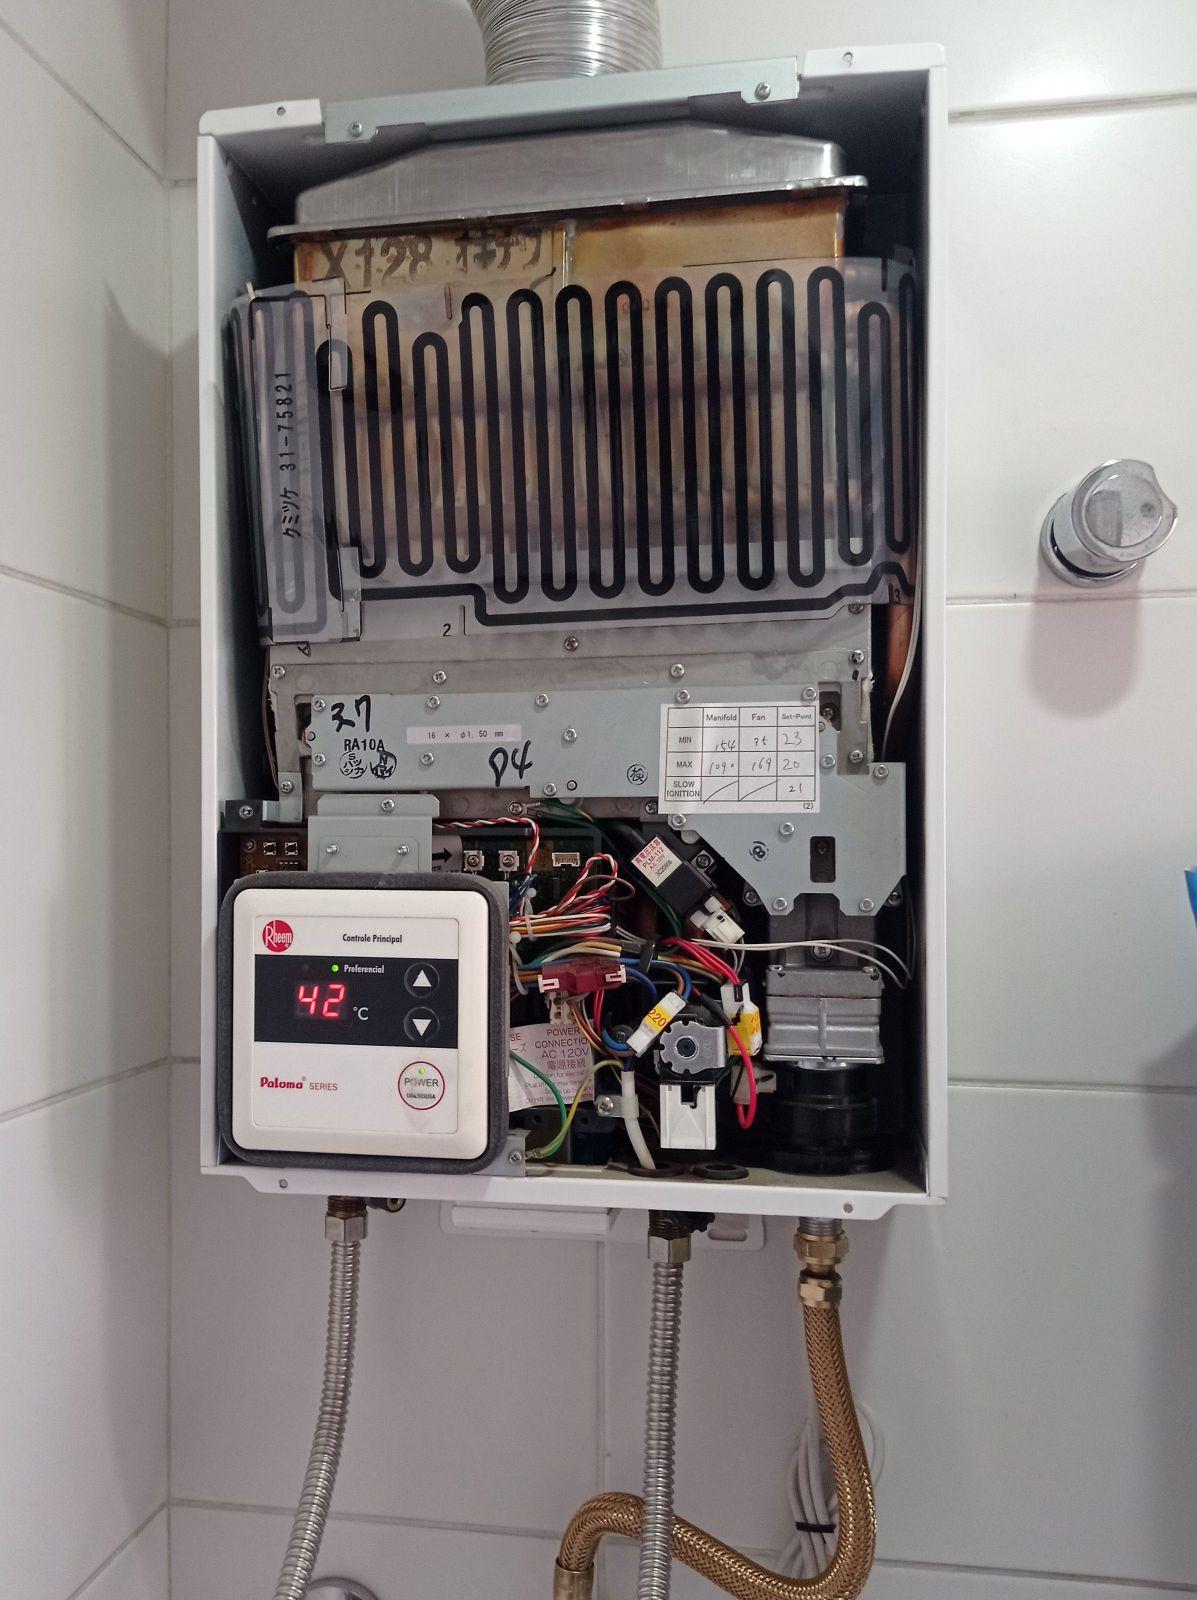 aquecedor boch manutenção preventiva!